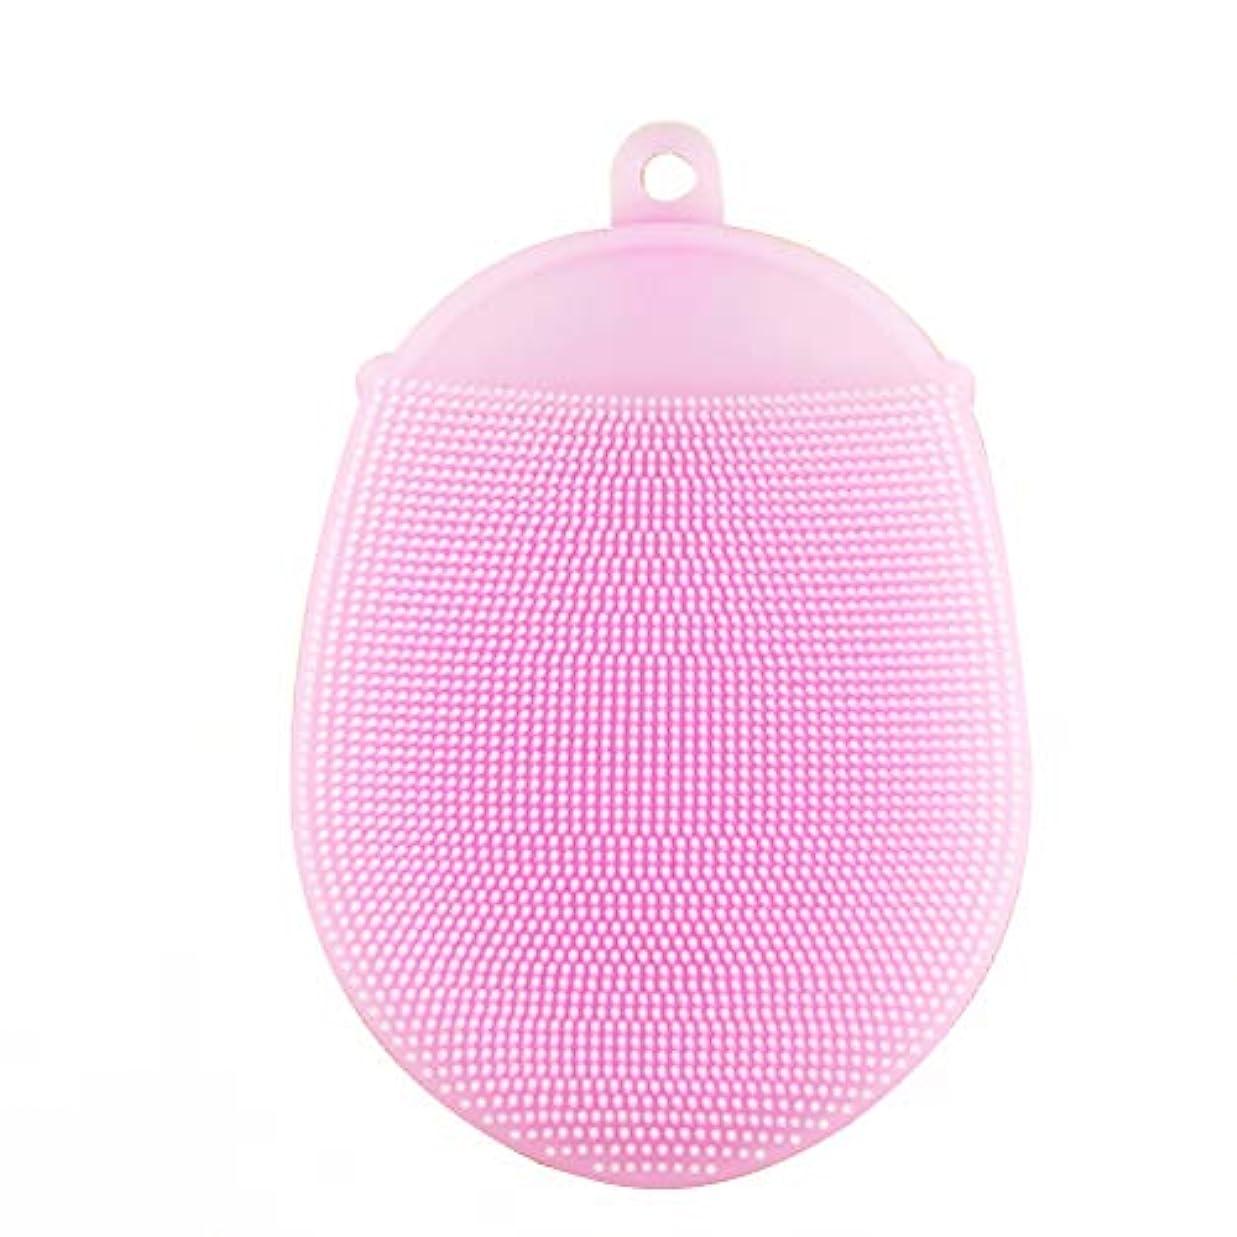 ルネッサンスバンド耐えるHealifty シリコン 入浴ブラシ 抗菌 シャワースクラバー 洗顔パッド 2本入 (ピンク)